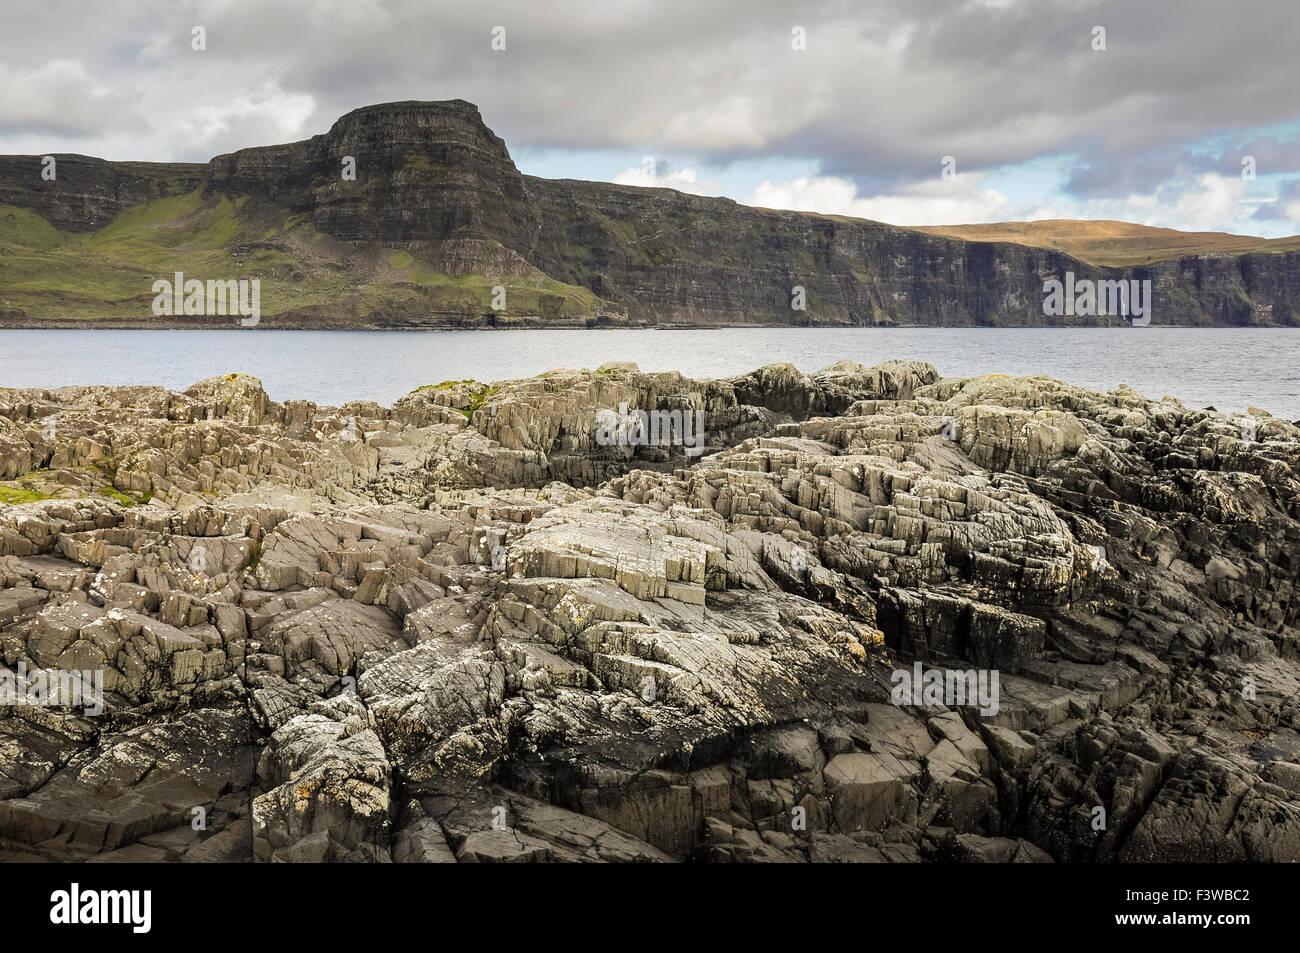 Waterstein Head en la Isla de Skye, Escocia. Costa rocosa en primer plano. Foto de stock